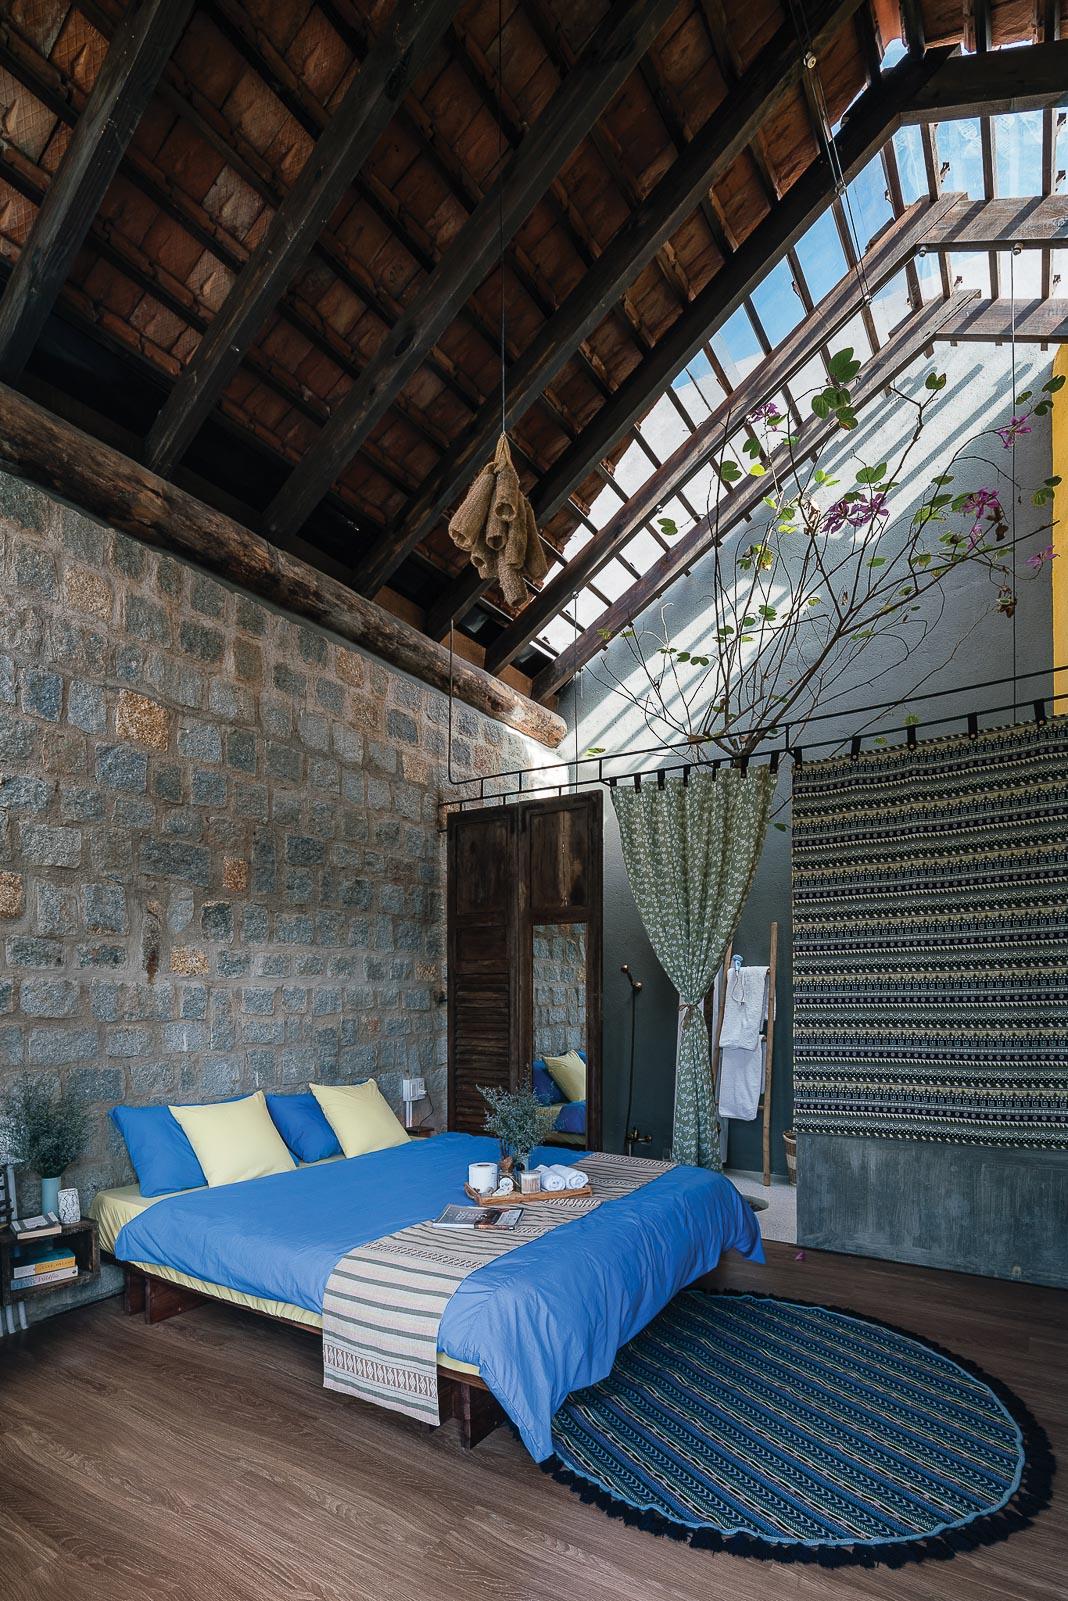 Các tiện ích trong phòng: chỗ ngủ, bếp nấu, góc thư giãn mở tầm nhìn ra khoảng sân, khối tắm tràn ngập ánh sáng 1